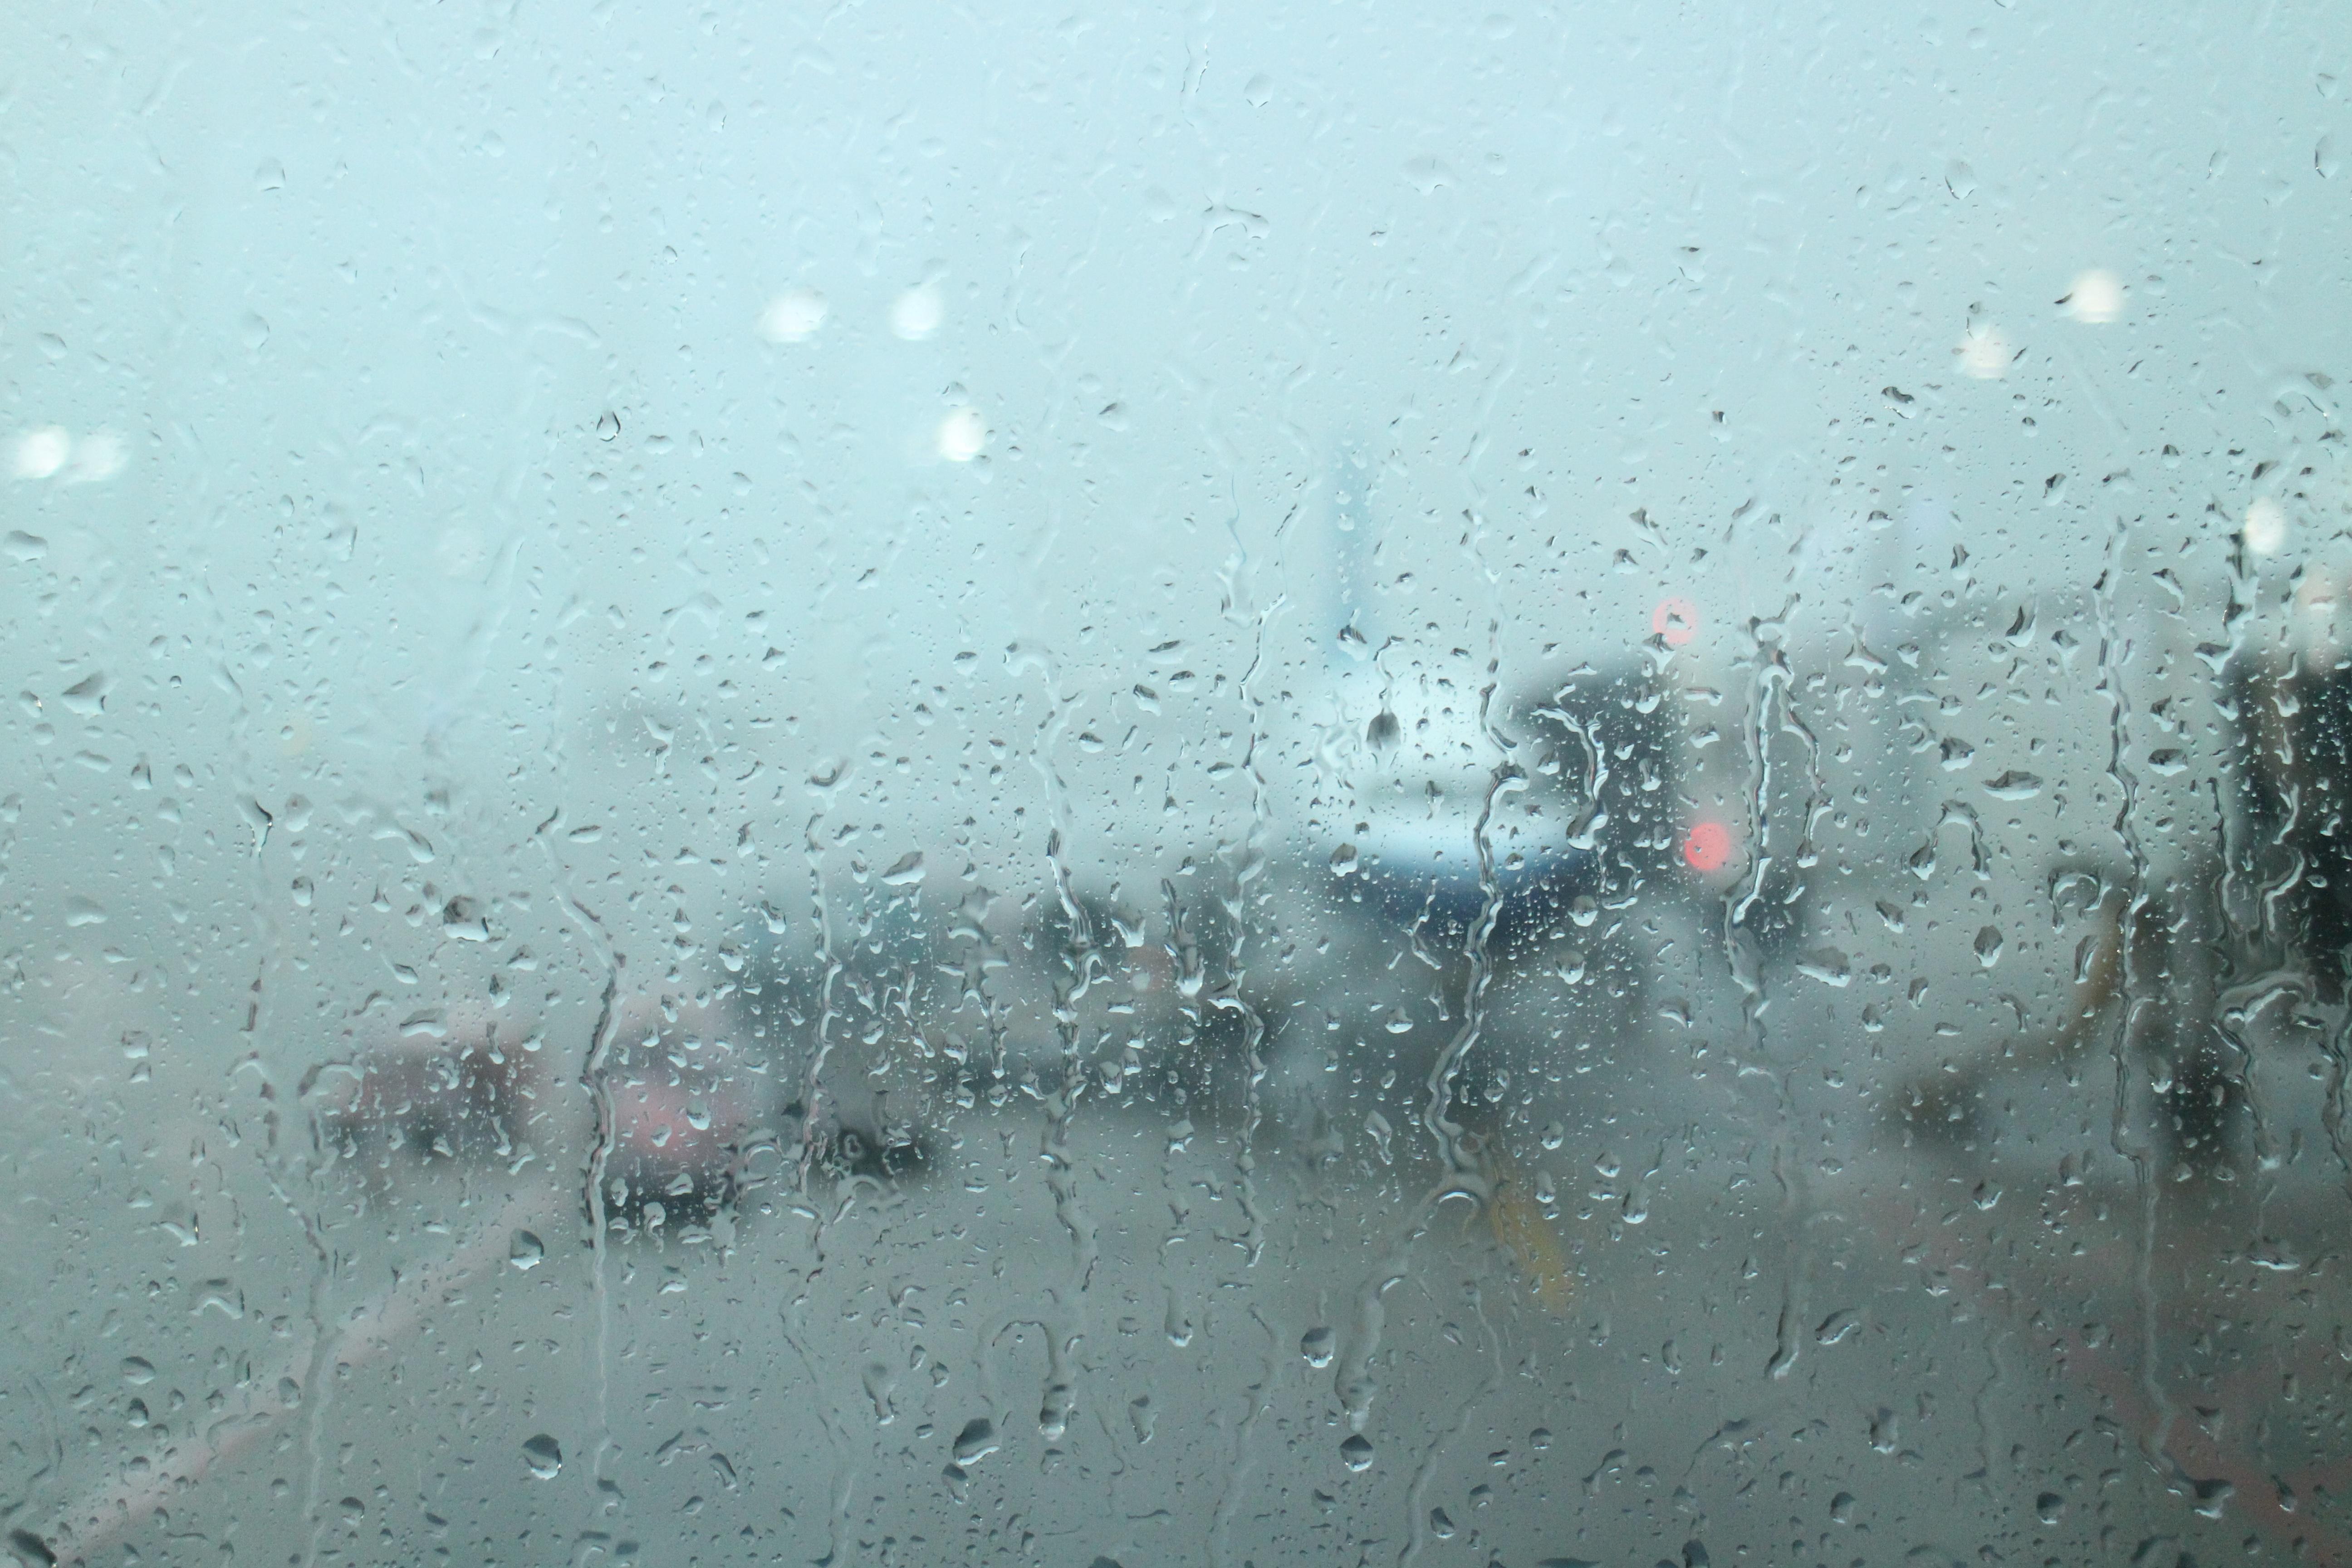 hình ảnh : tuyết, mùa đông, mưa, làn sóng, ly, sương giá, sân bay, máy bay, Nước đá, Thời tiết, Không, đóng băng, Đầu ra 5184x3456